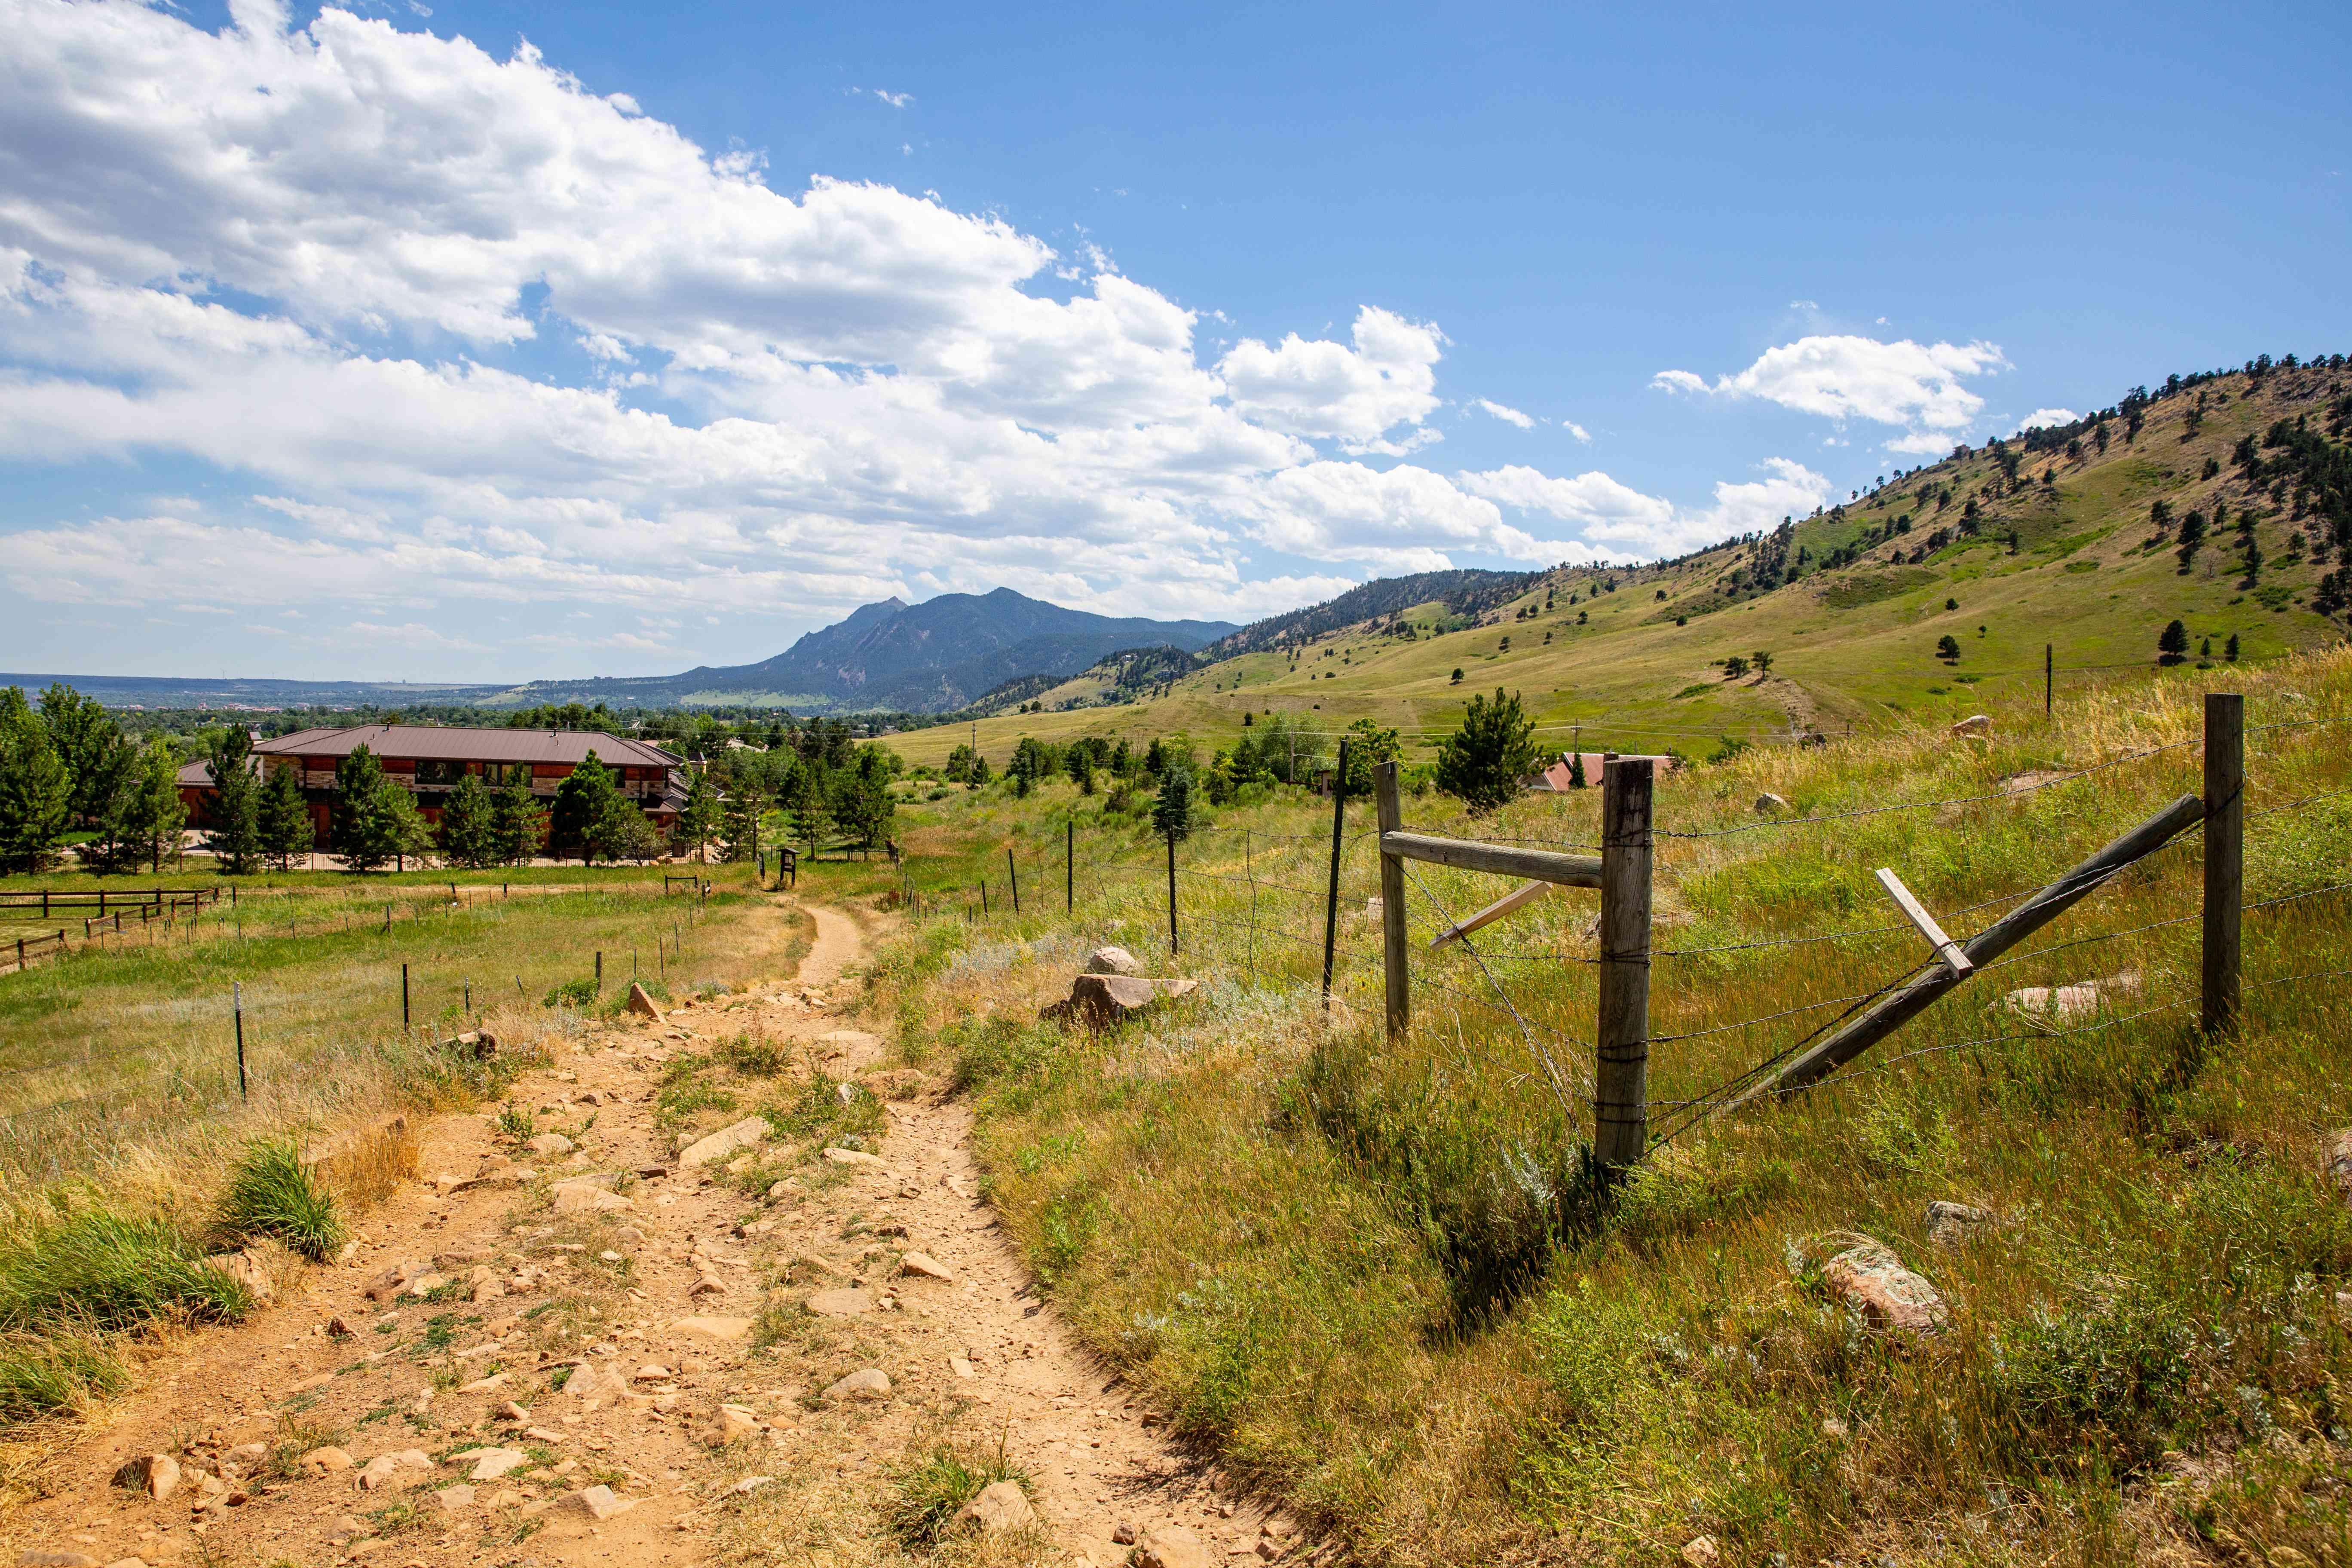 Hogback Ridge Loop at Foothills Trailhead in Colorado